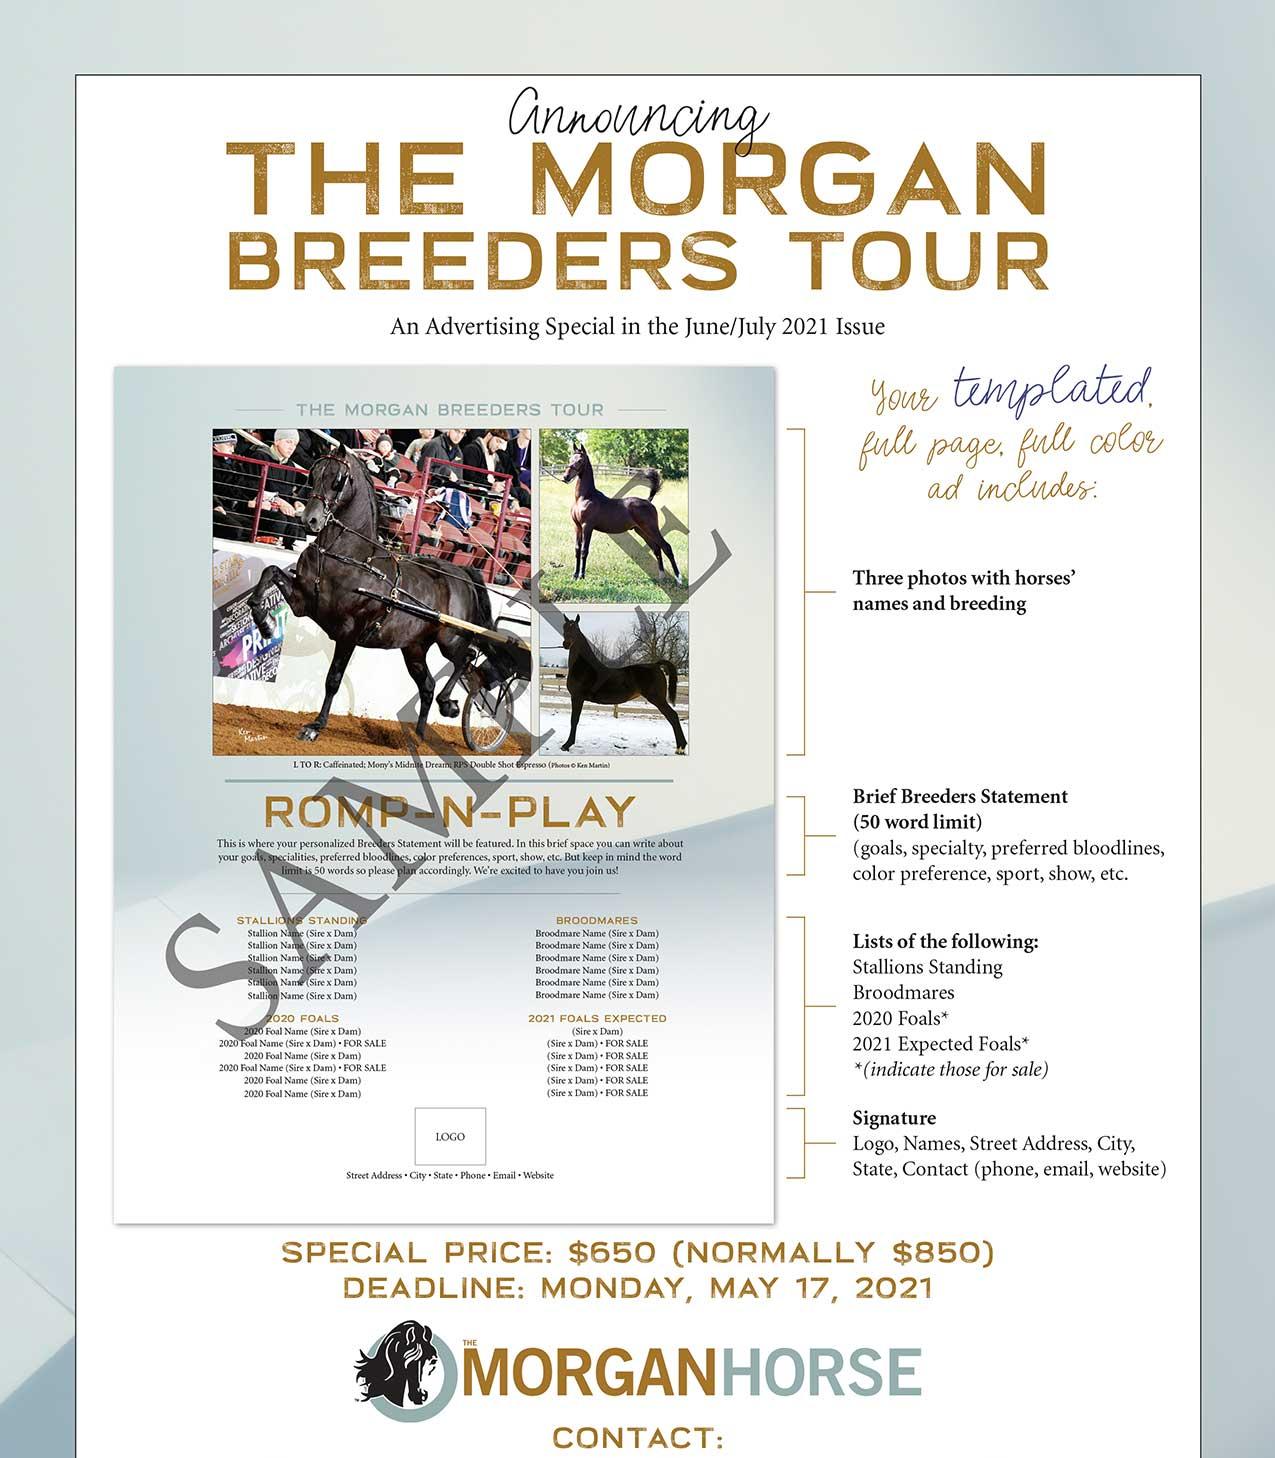 The Morgan Horse May 2021 Special